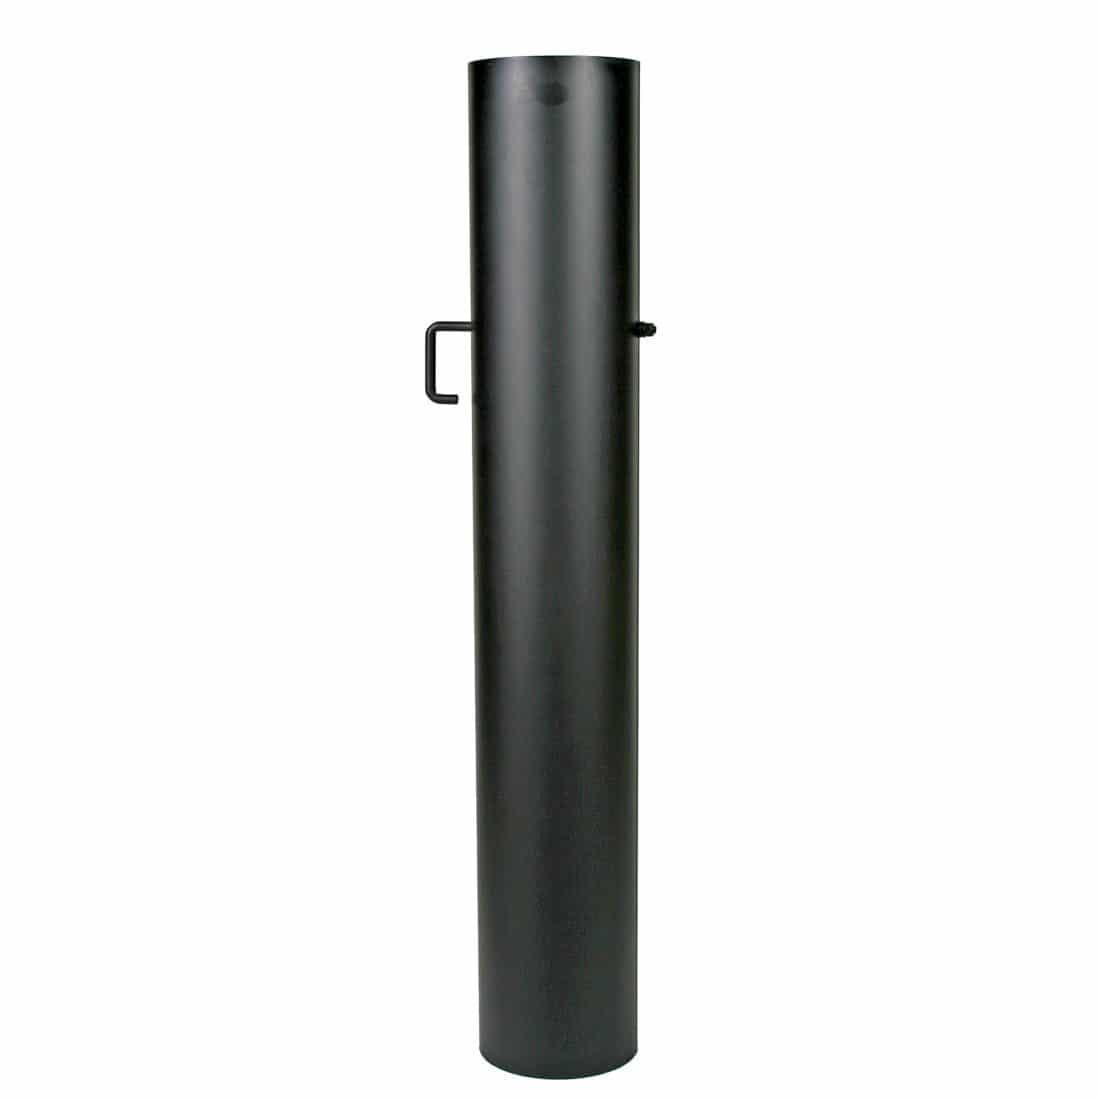 Dikwandige stalen pijp strak met klep, 100cm